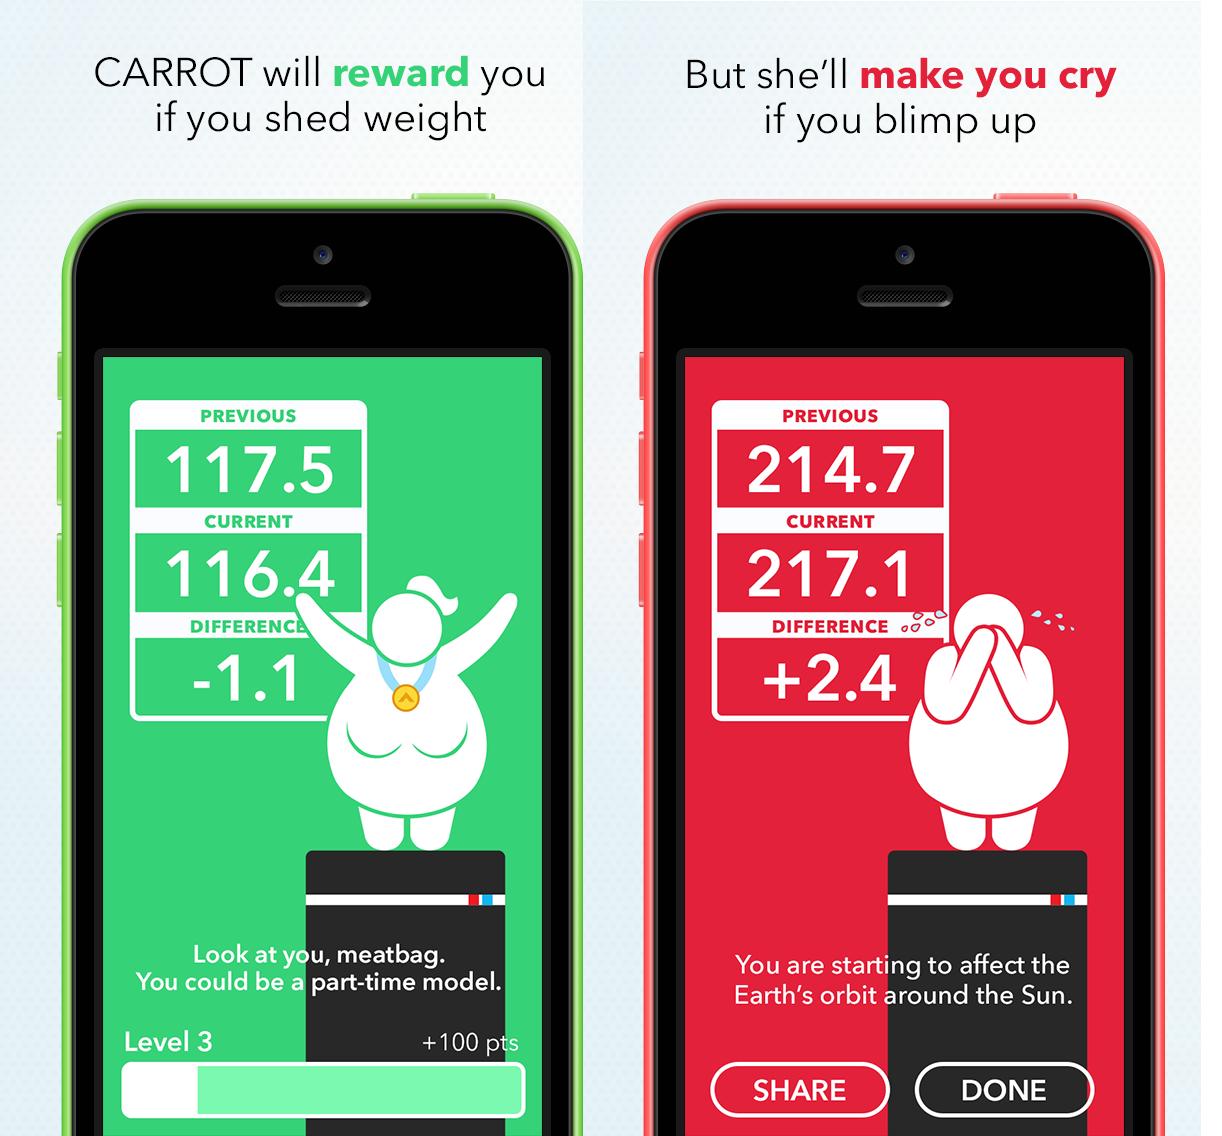 Ios Приложения Для Похудения. Топ-5 приложений для похудения на iphone: лучшие программы для худеющих